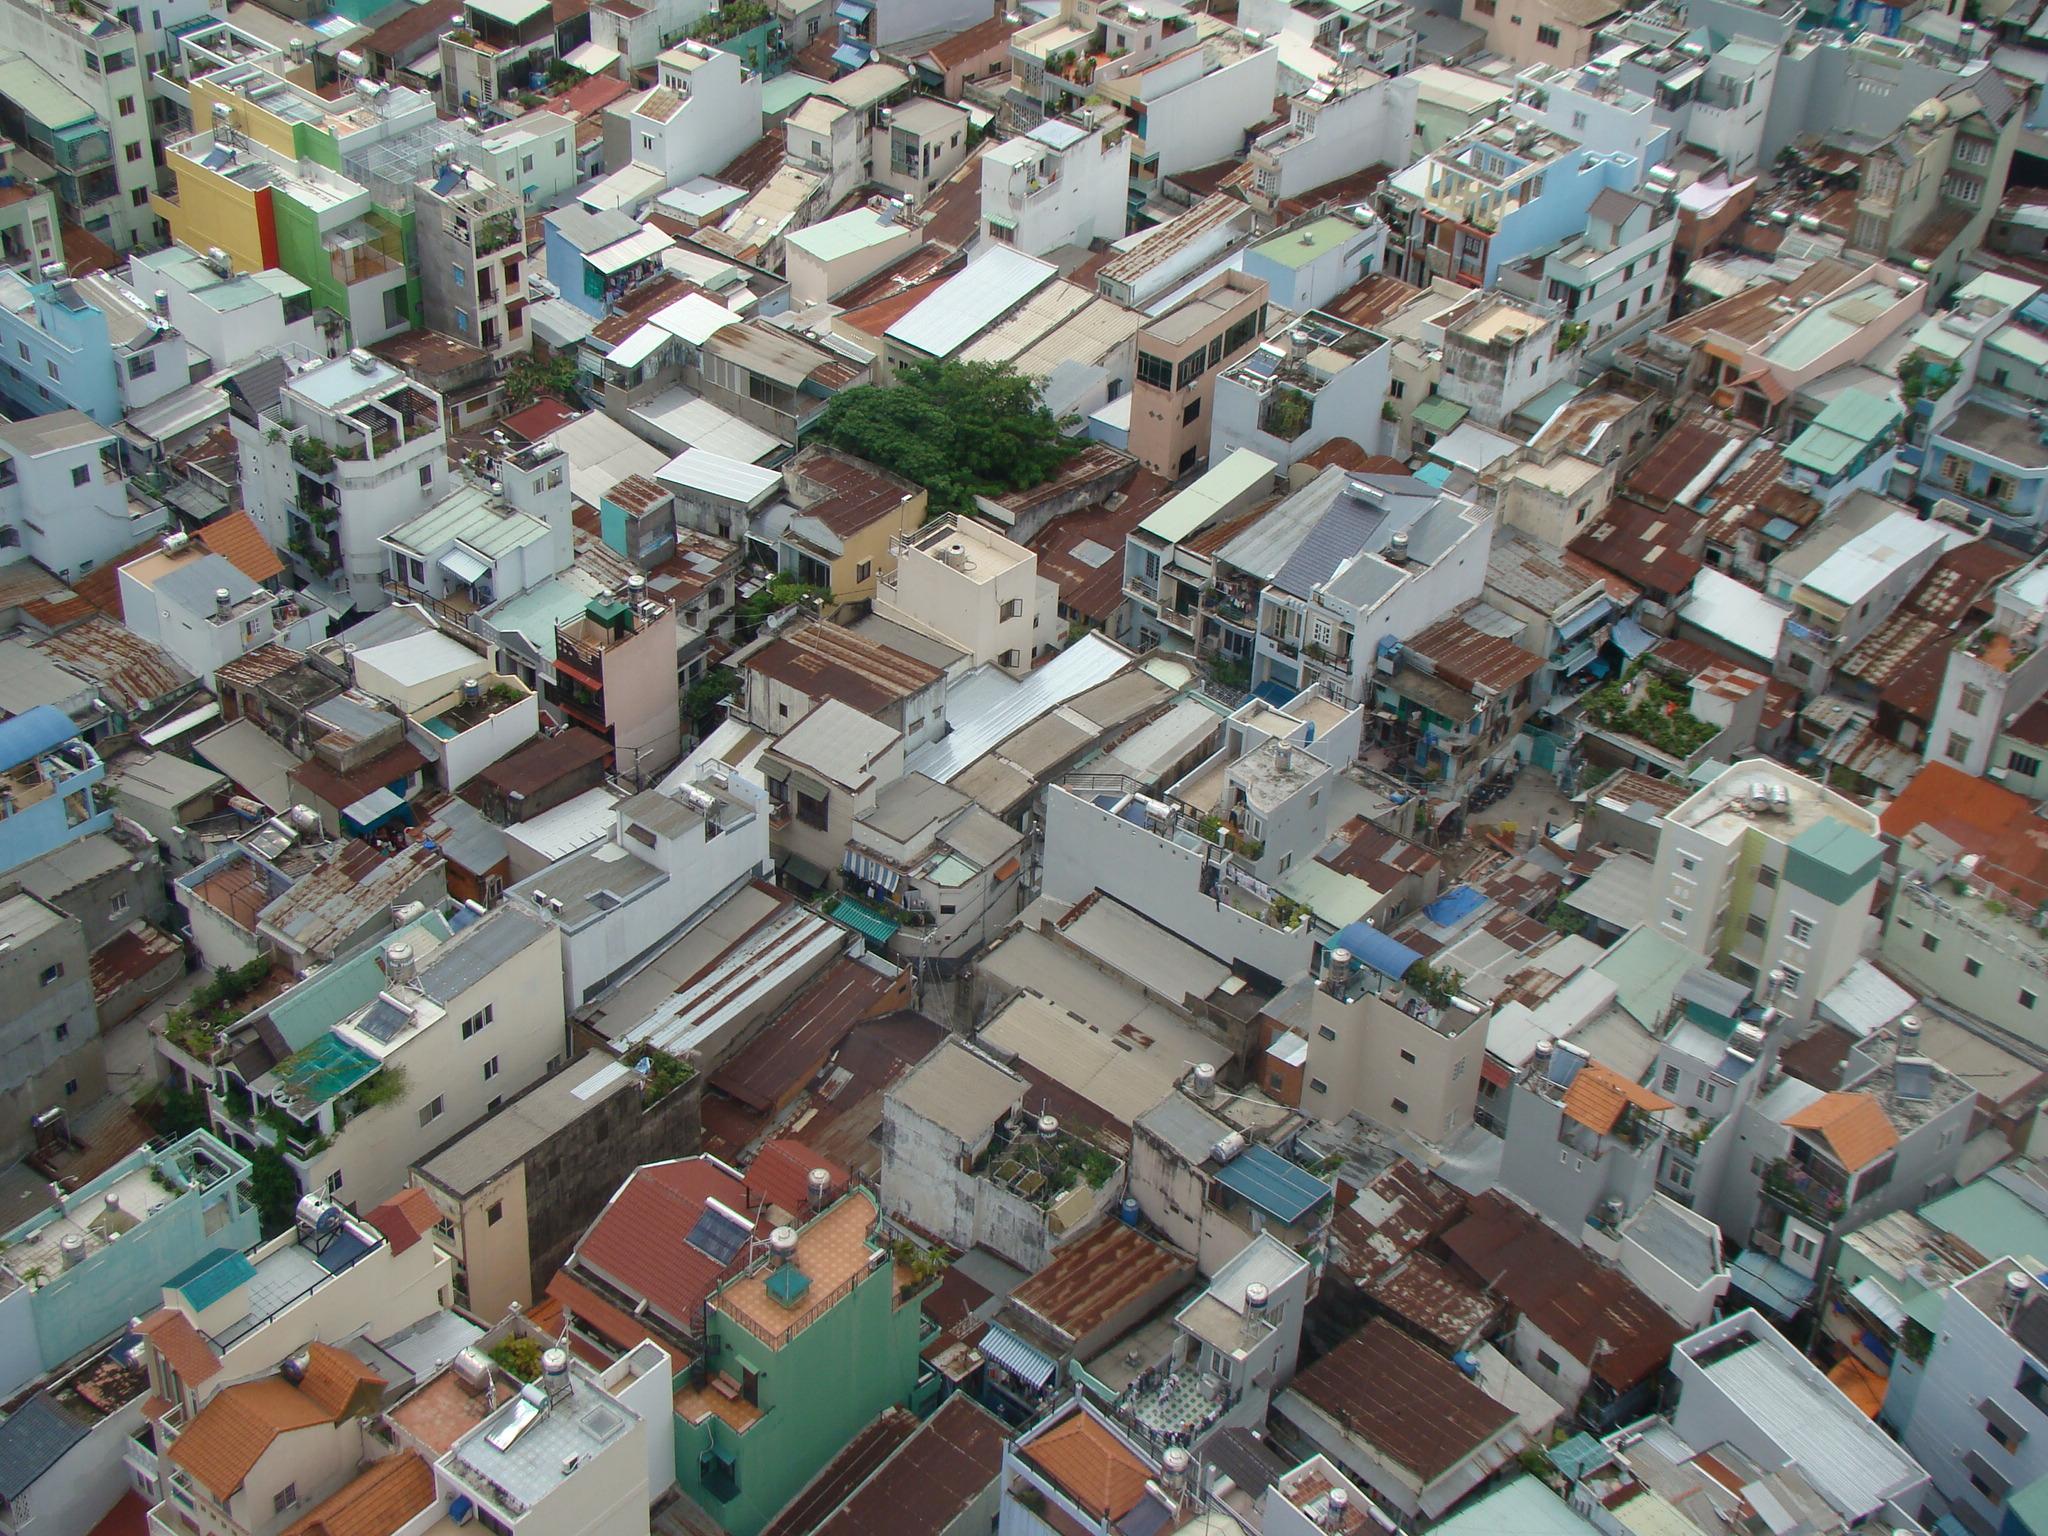 Les ruelles de Ho Chí Minh Ville, envers métropolitain